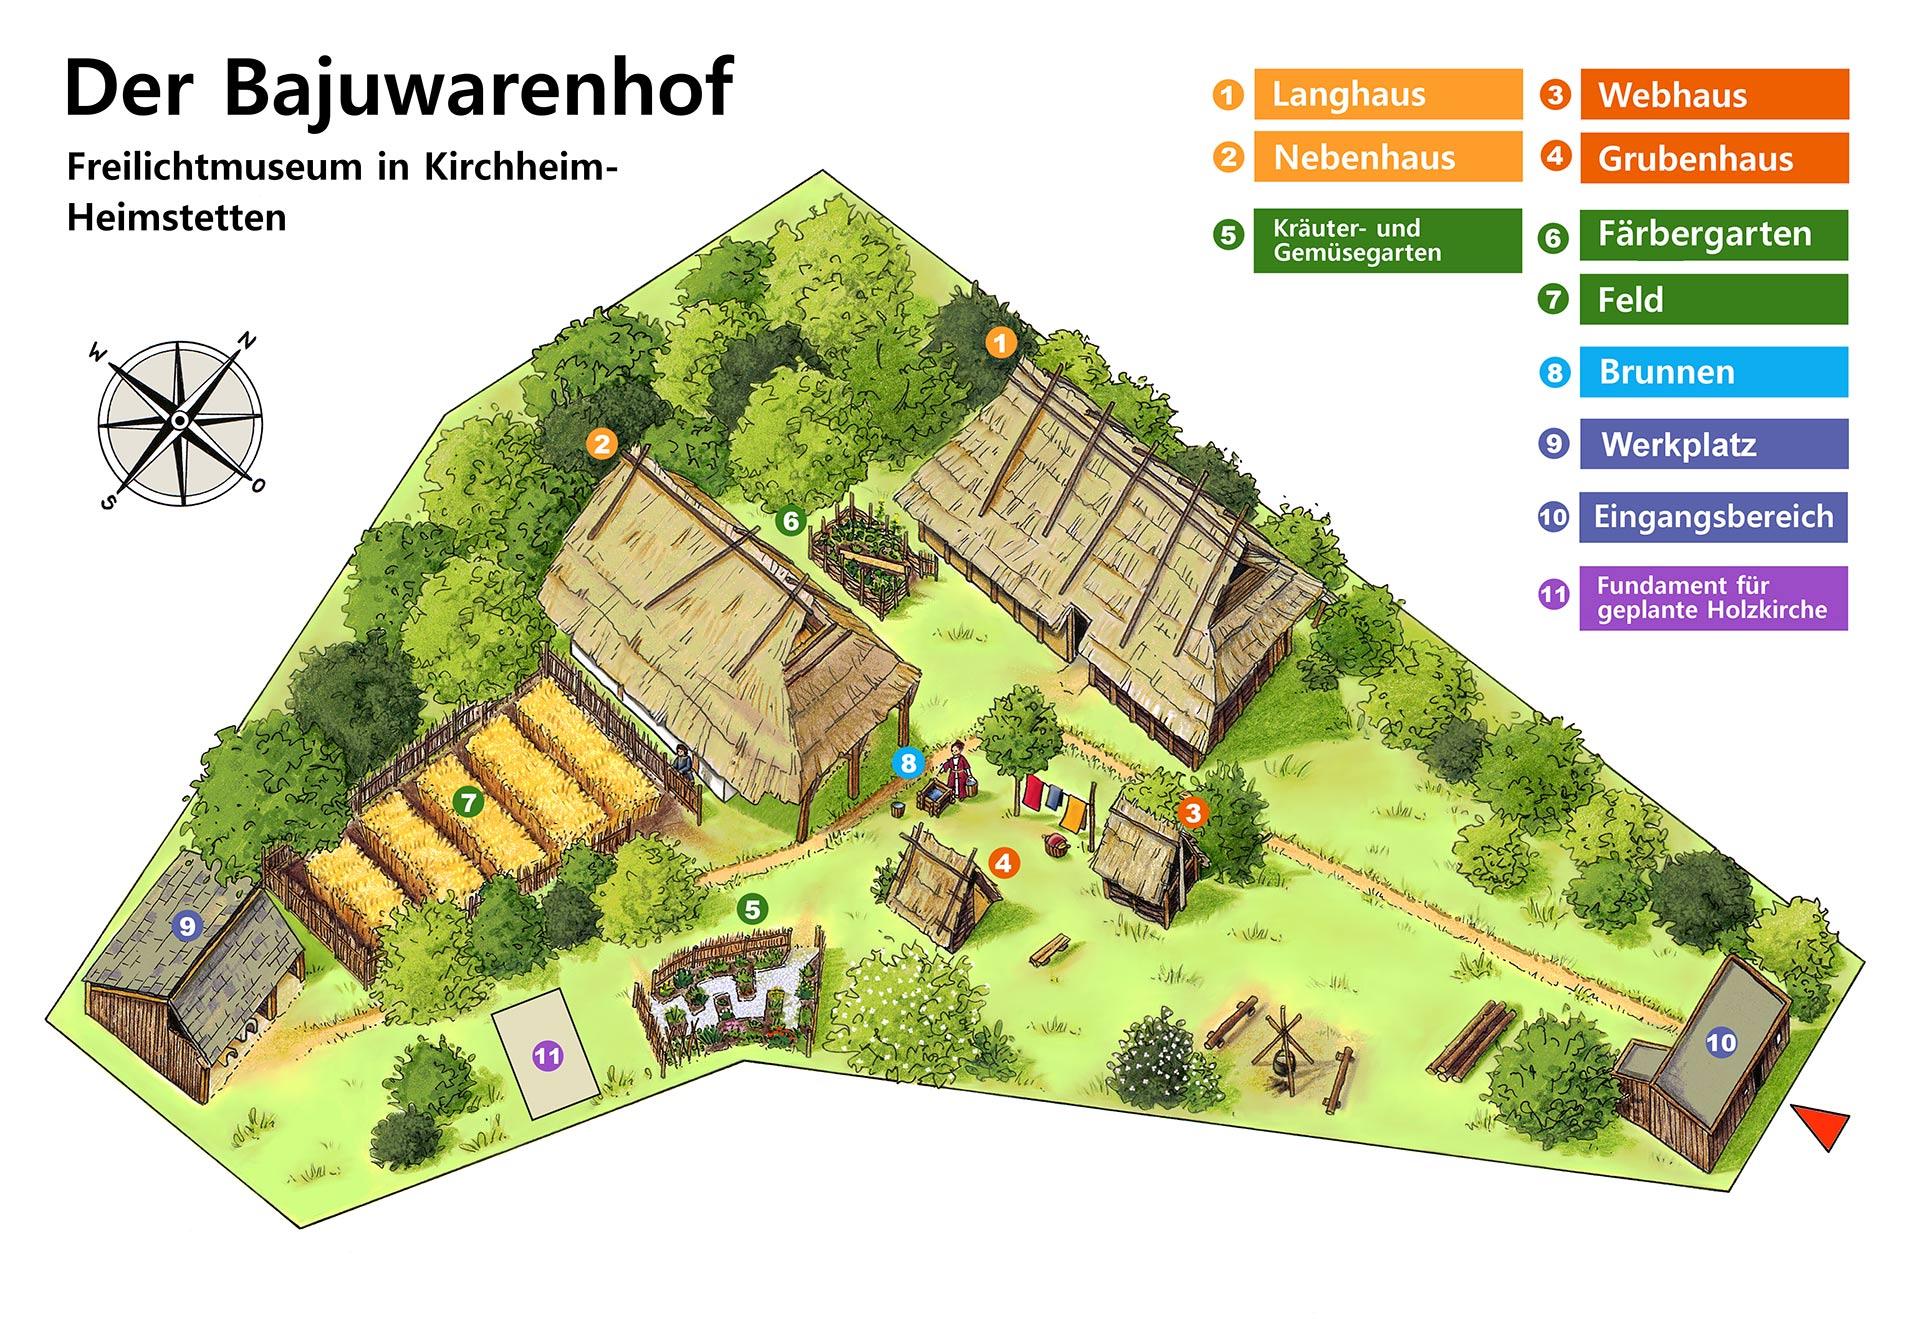 Geländeplan des Bajuwarenhofs